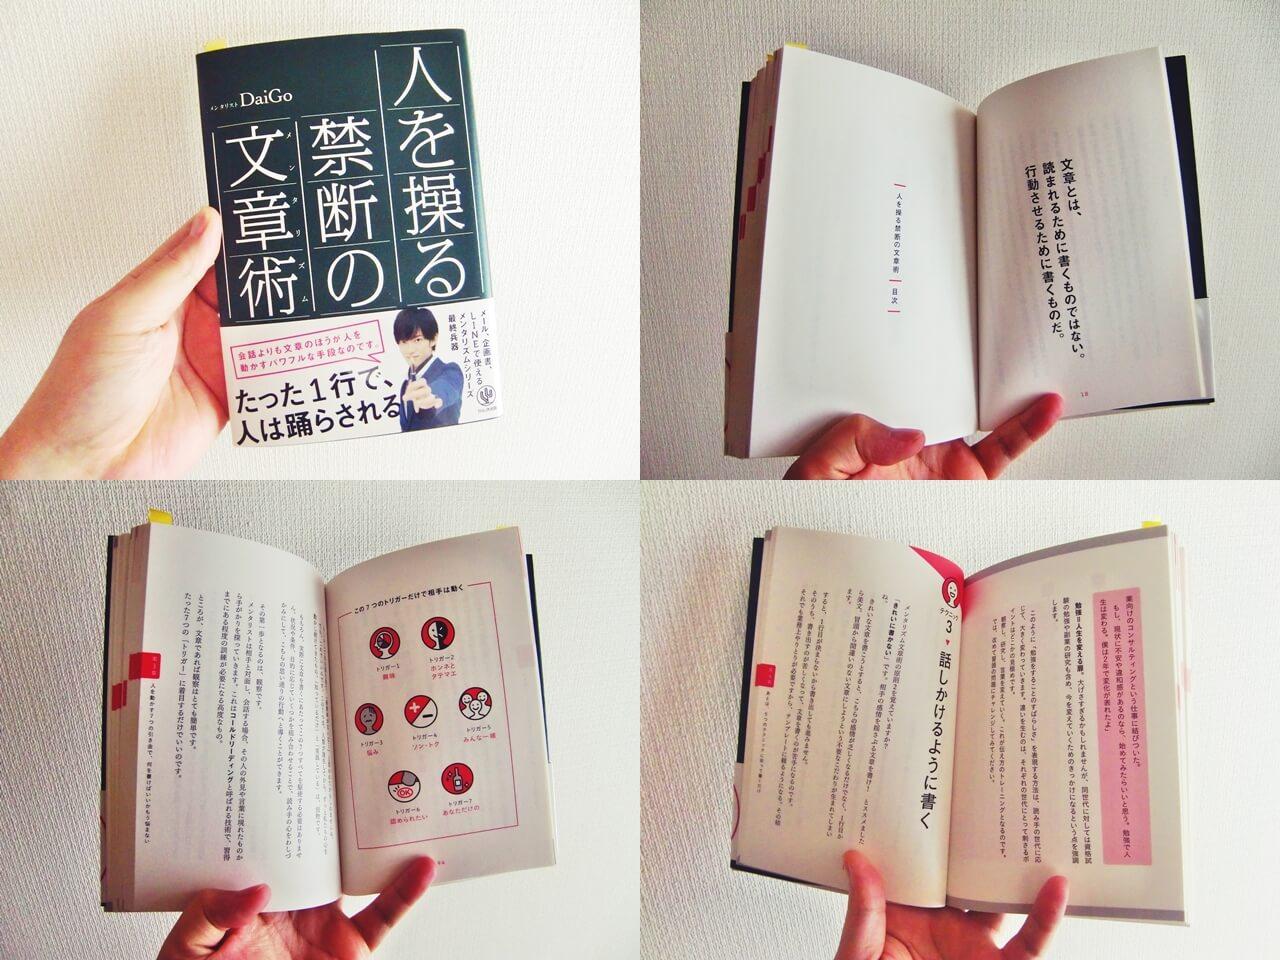 『人を操る禁断の文章術』著:DaiGo